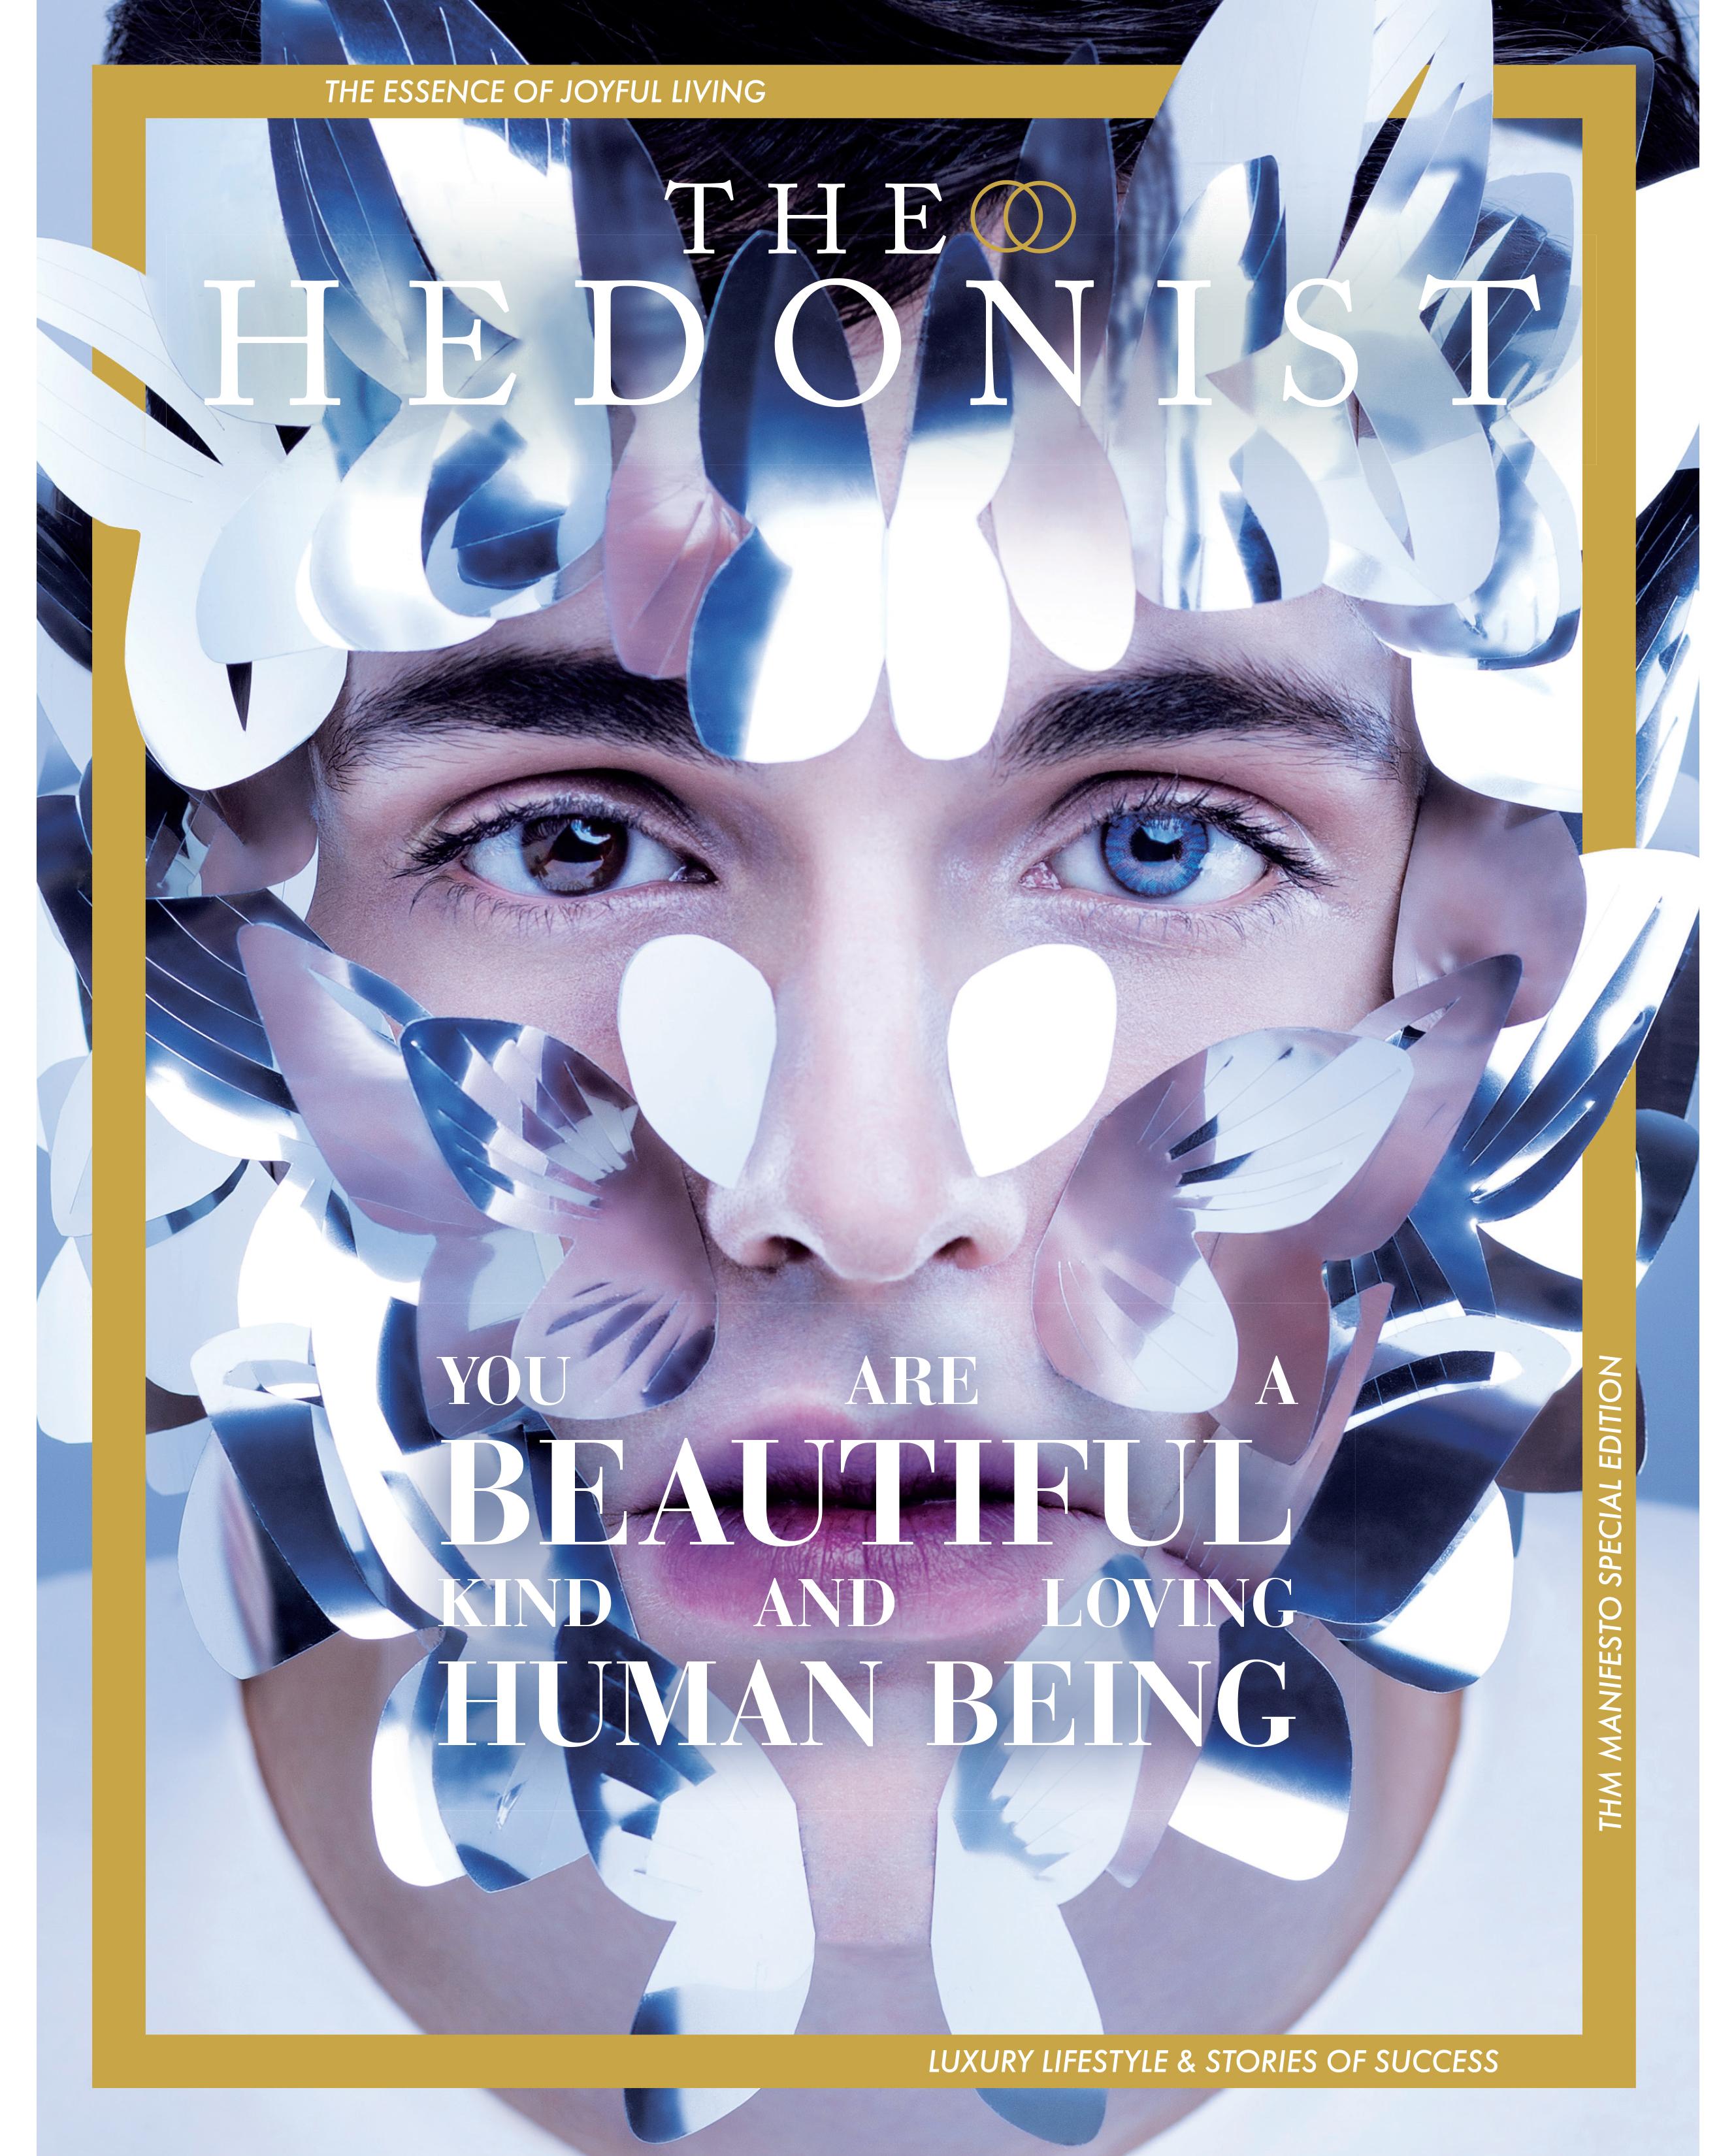 Hedonist Magazine, Dec 2018